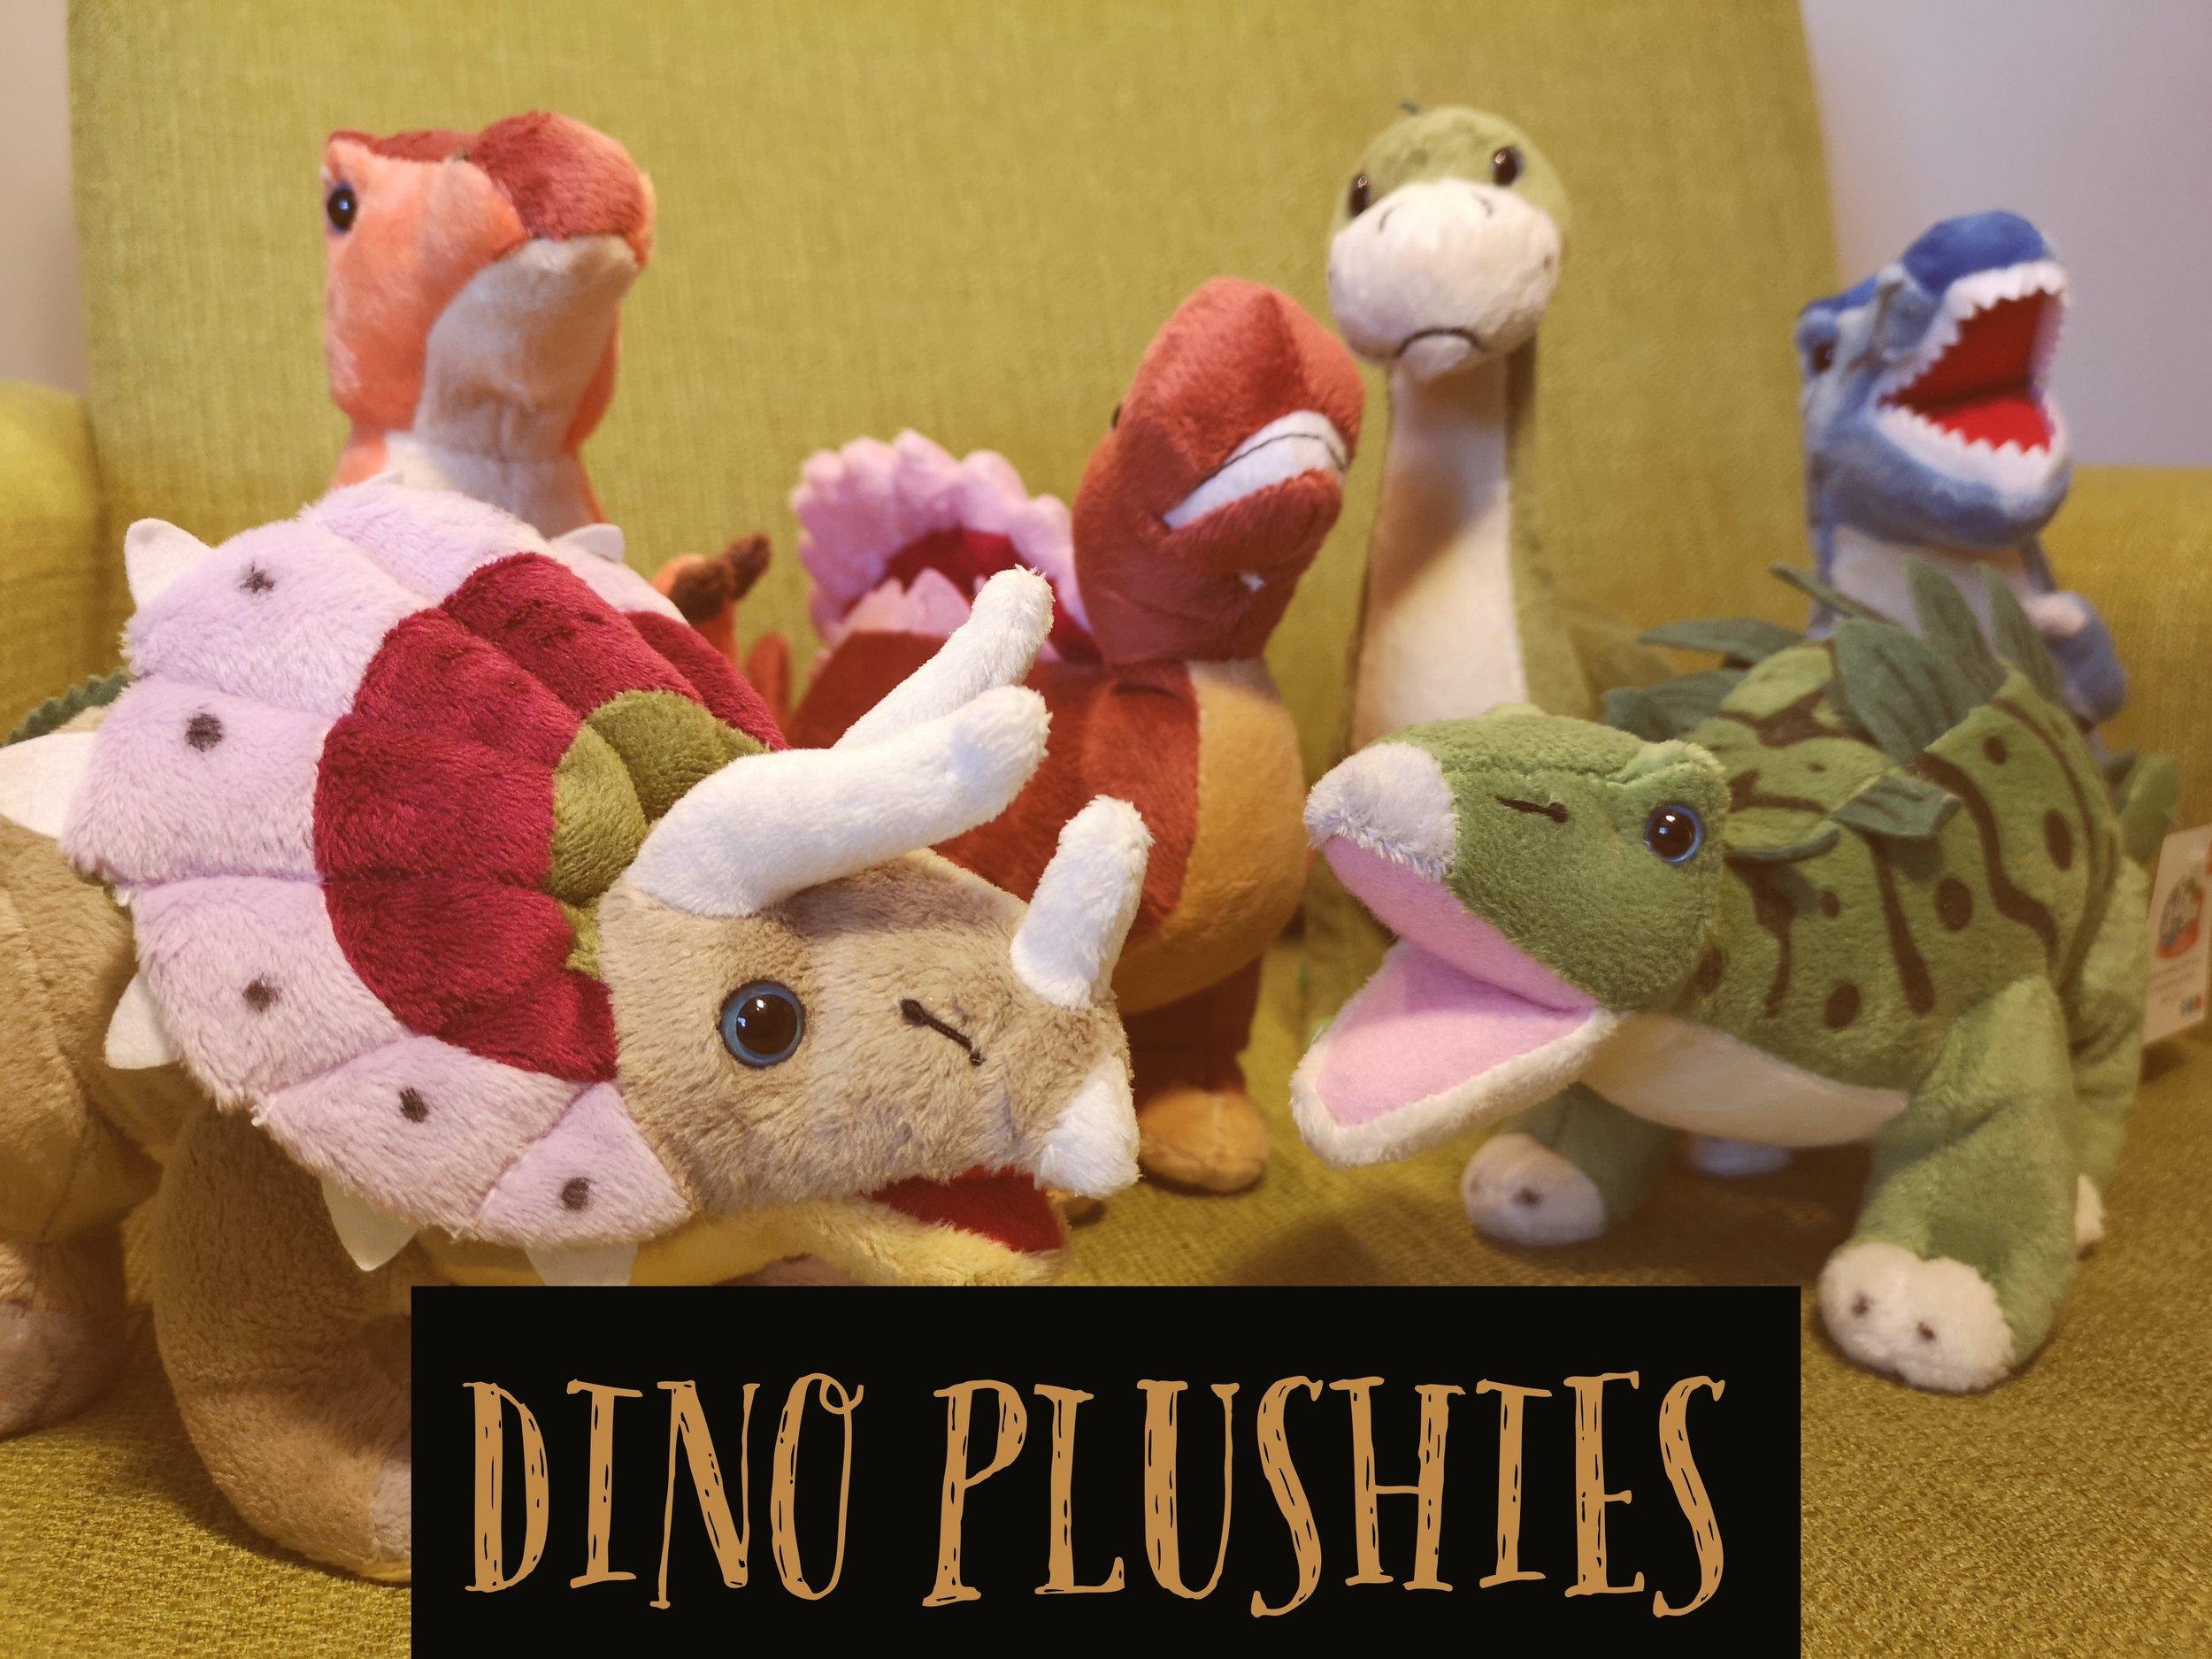 Dinosaur Plushies & Soft Toys